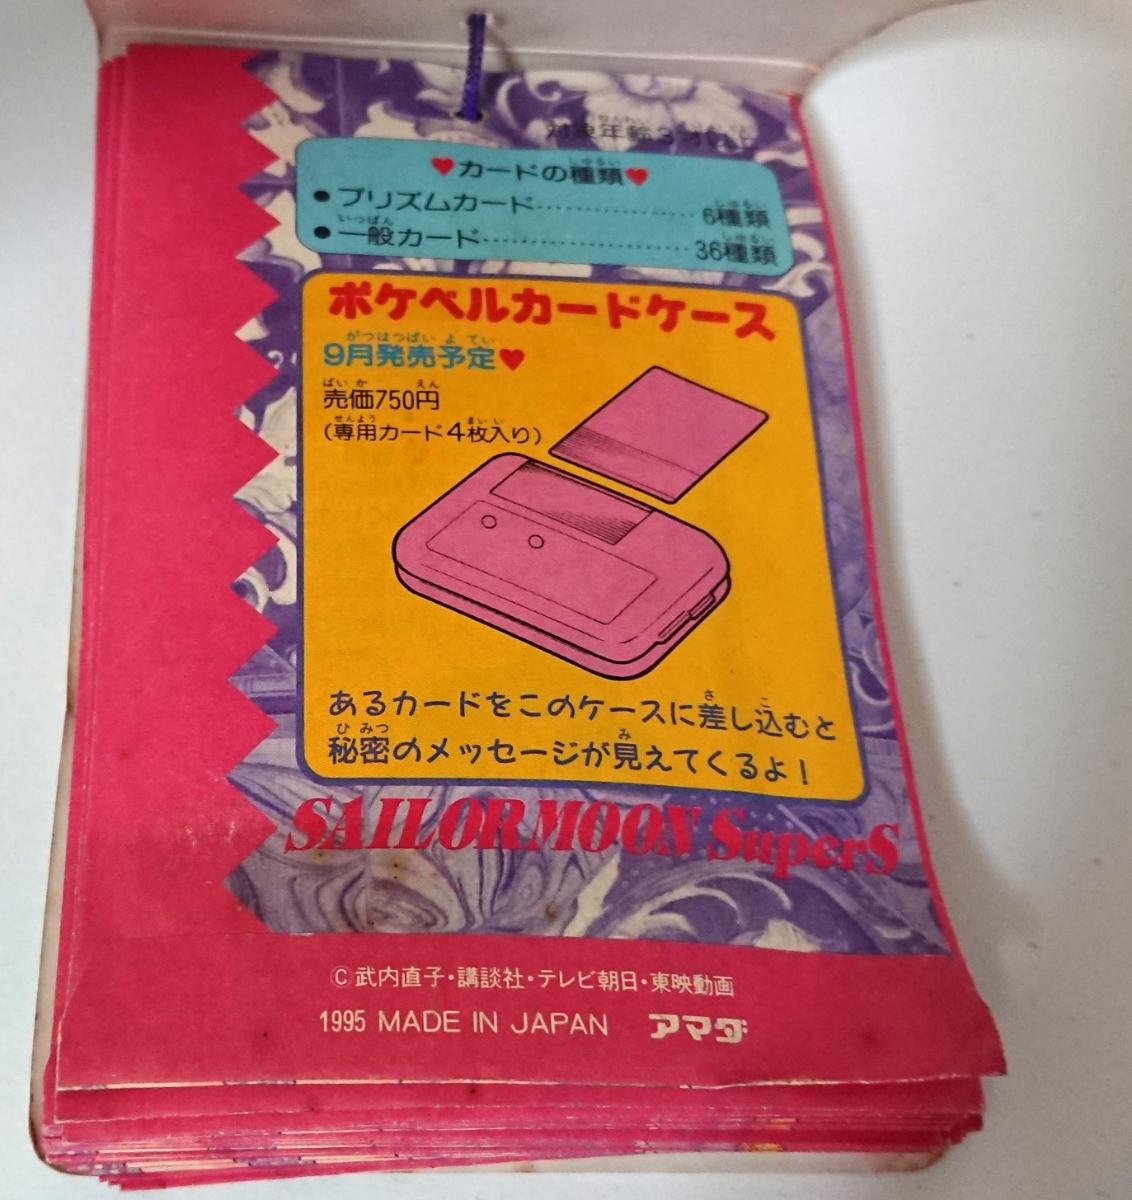 ★美品・レア★セーラームーンSS PPカード束〈セーラームーン〉34袋 1995年 アマダ_画像6